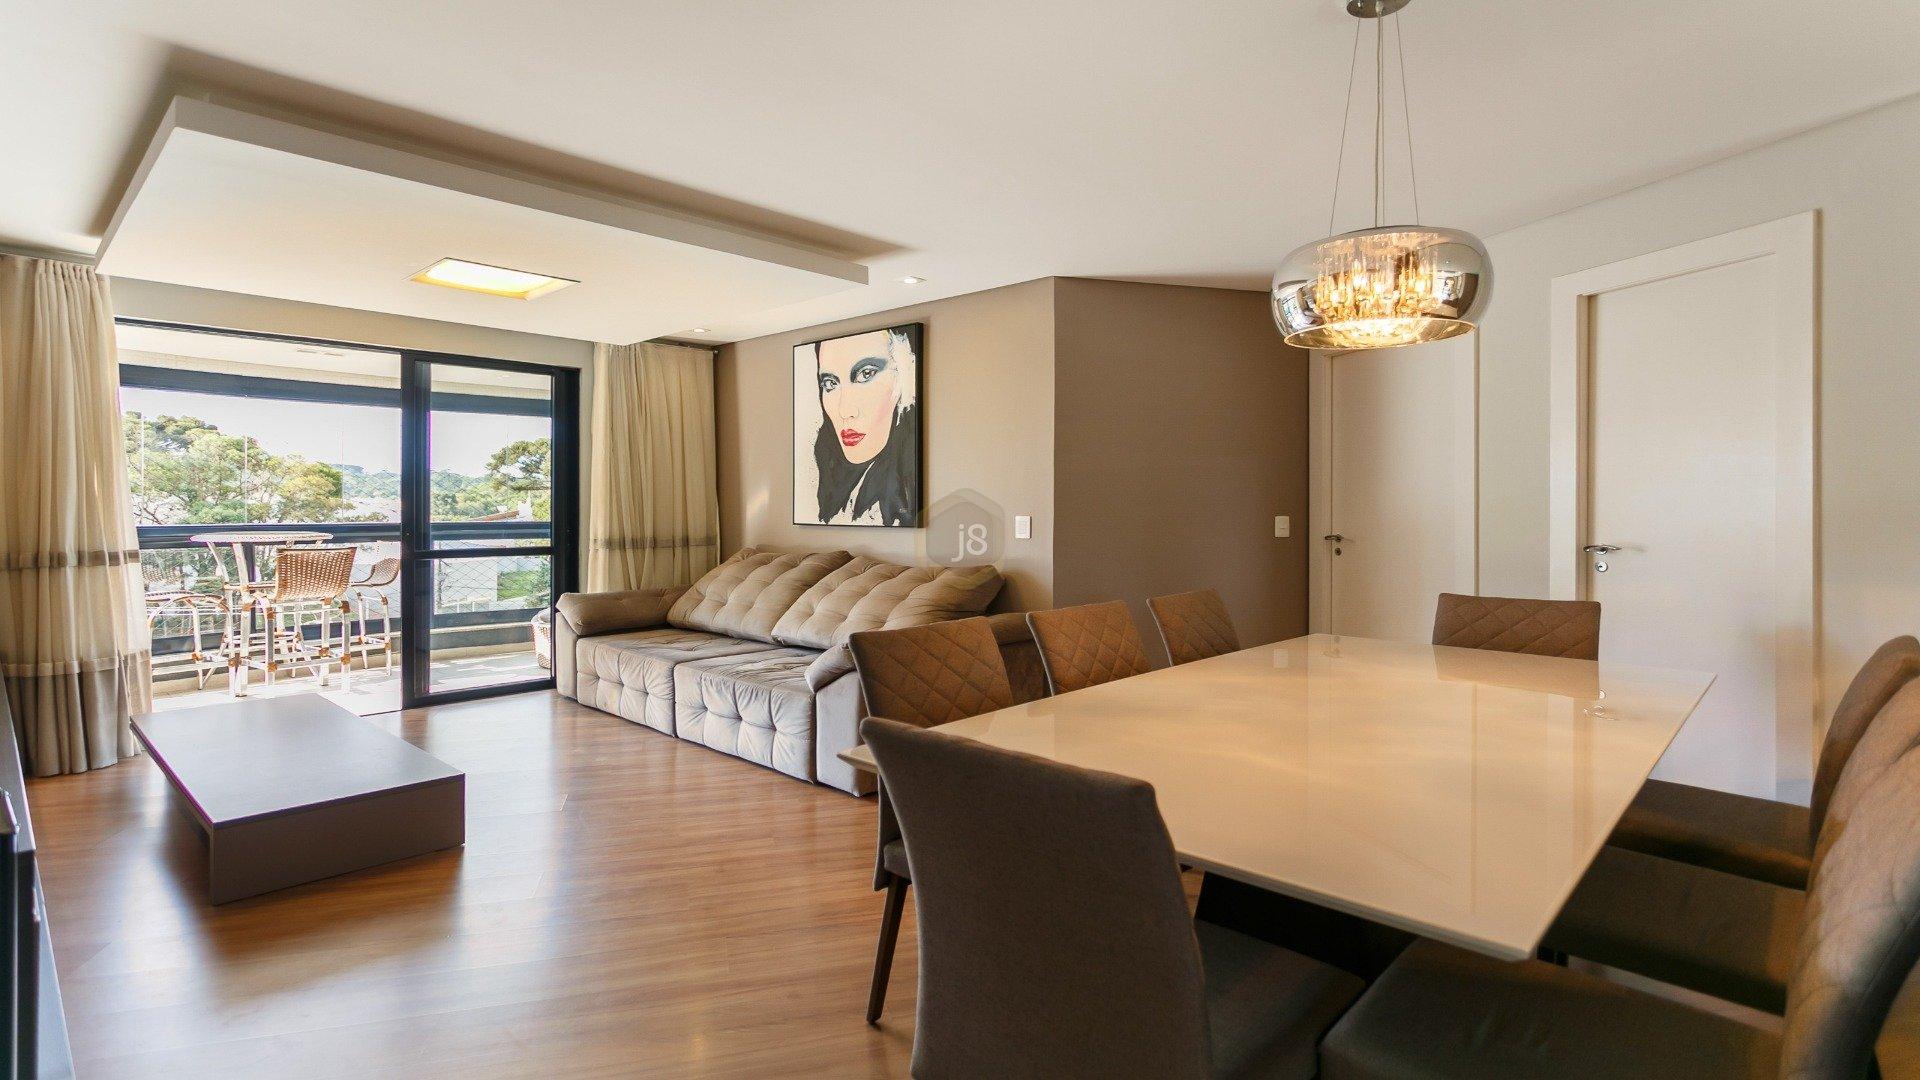 Foto de destaque Lindo apartamento em condomínio clube no ecoville!